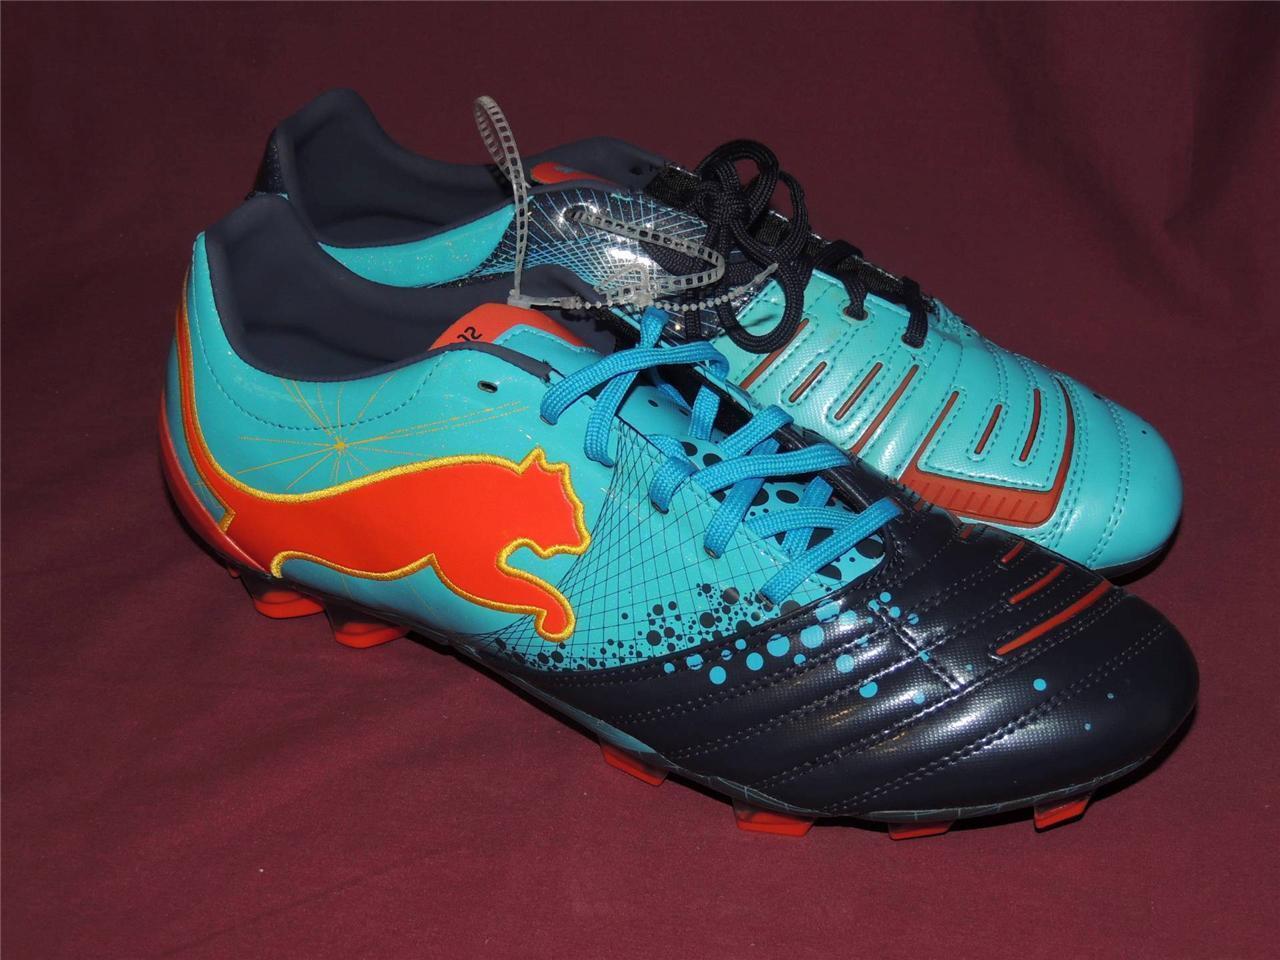 Puma Power Cat pwr-c 2.12 azul botines de fútbol azul 2.12 rojo amarilloNuevoEl último descuento zapatos para hombres y mujeres 155af3